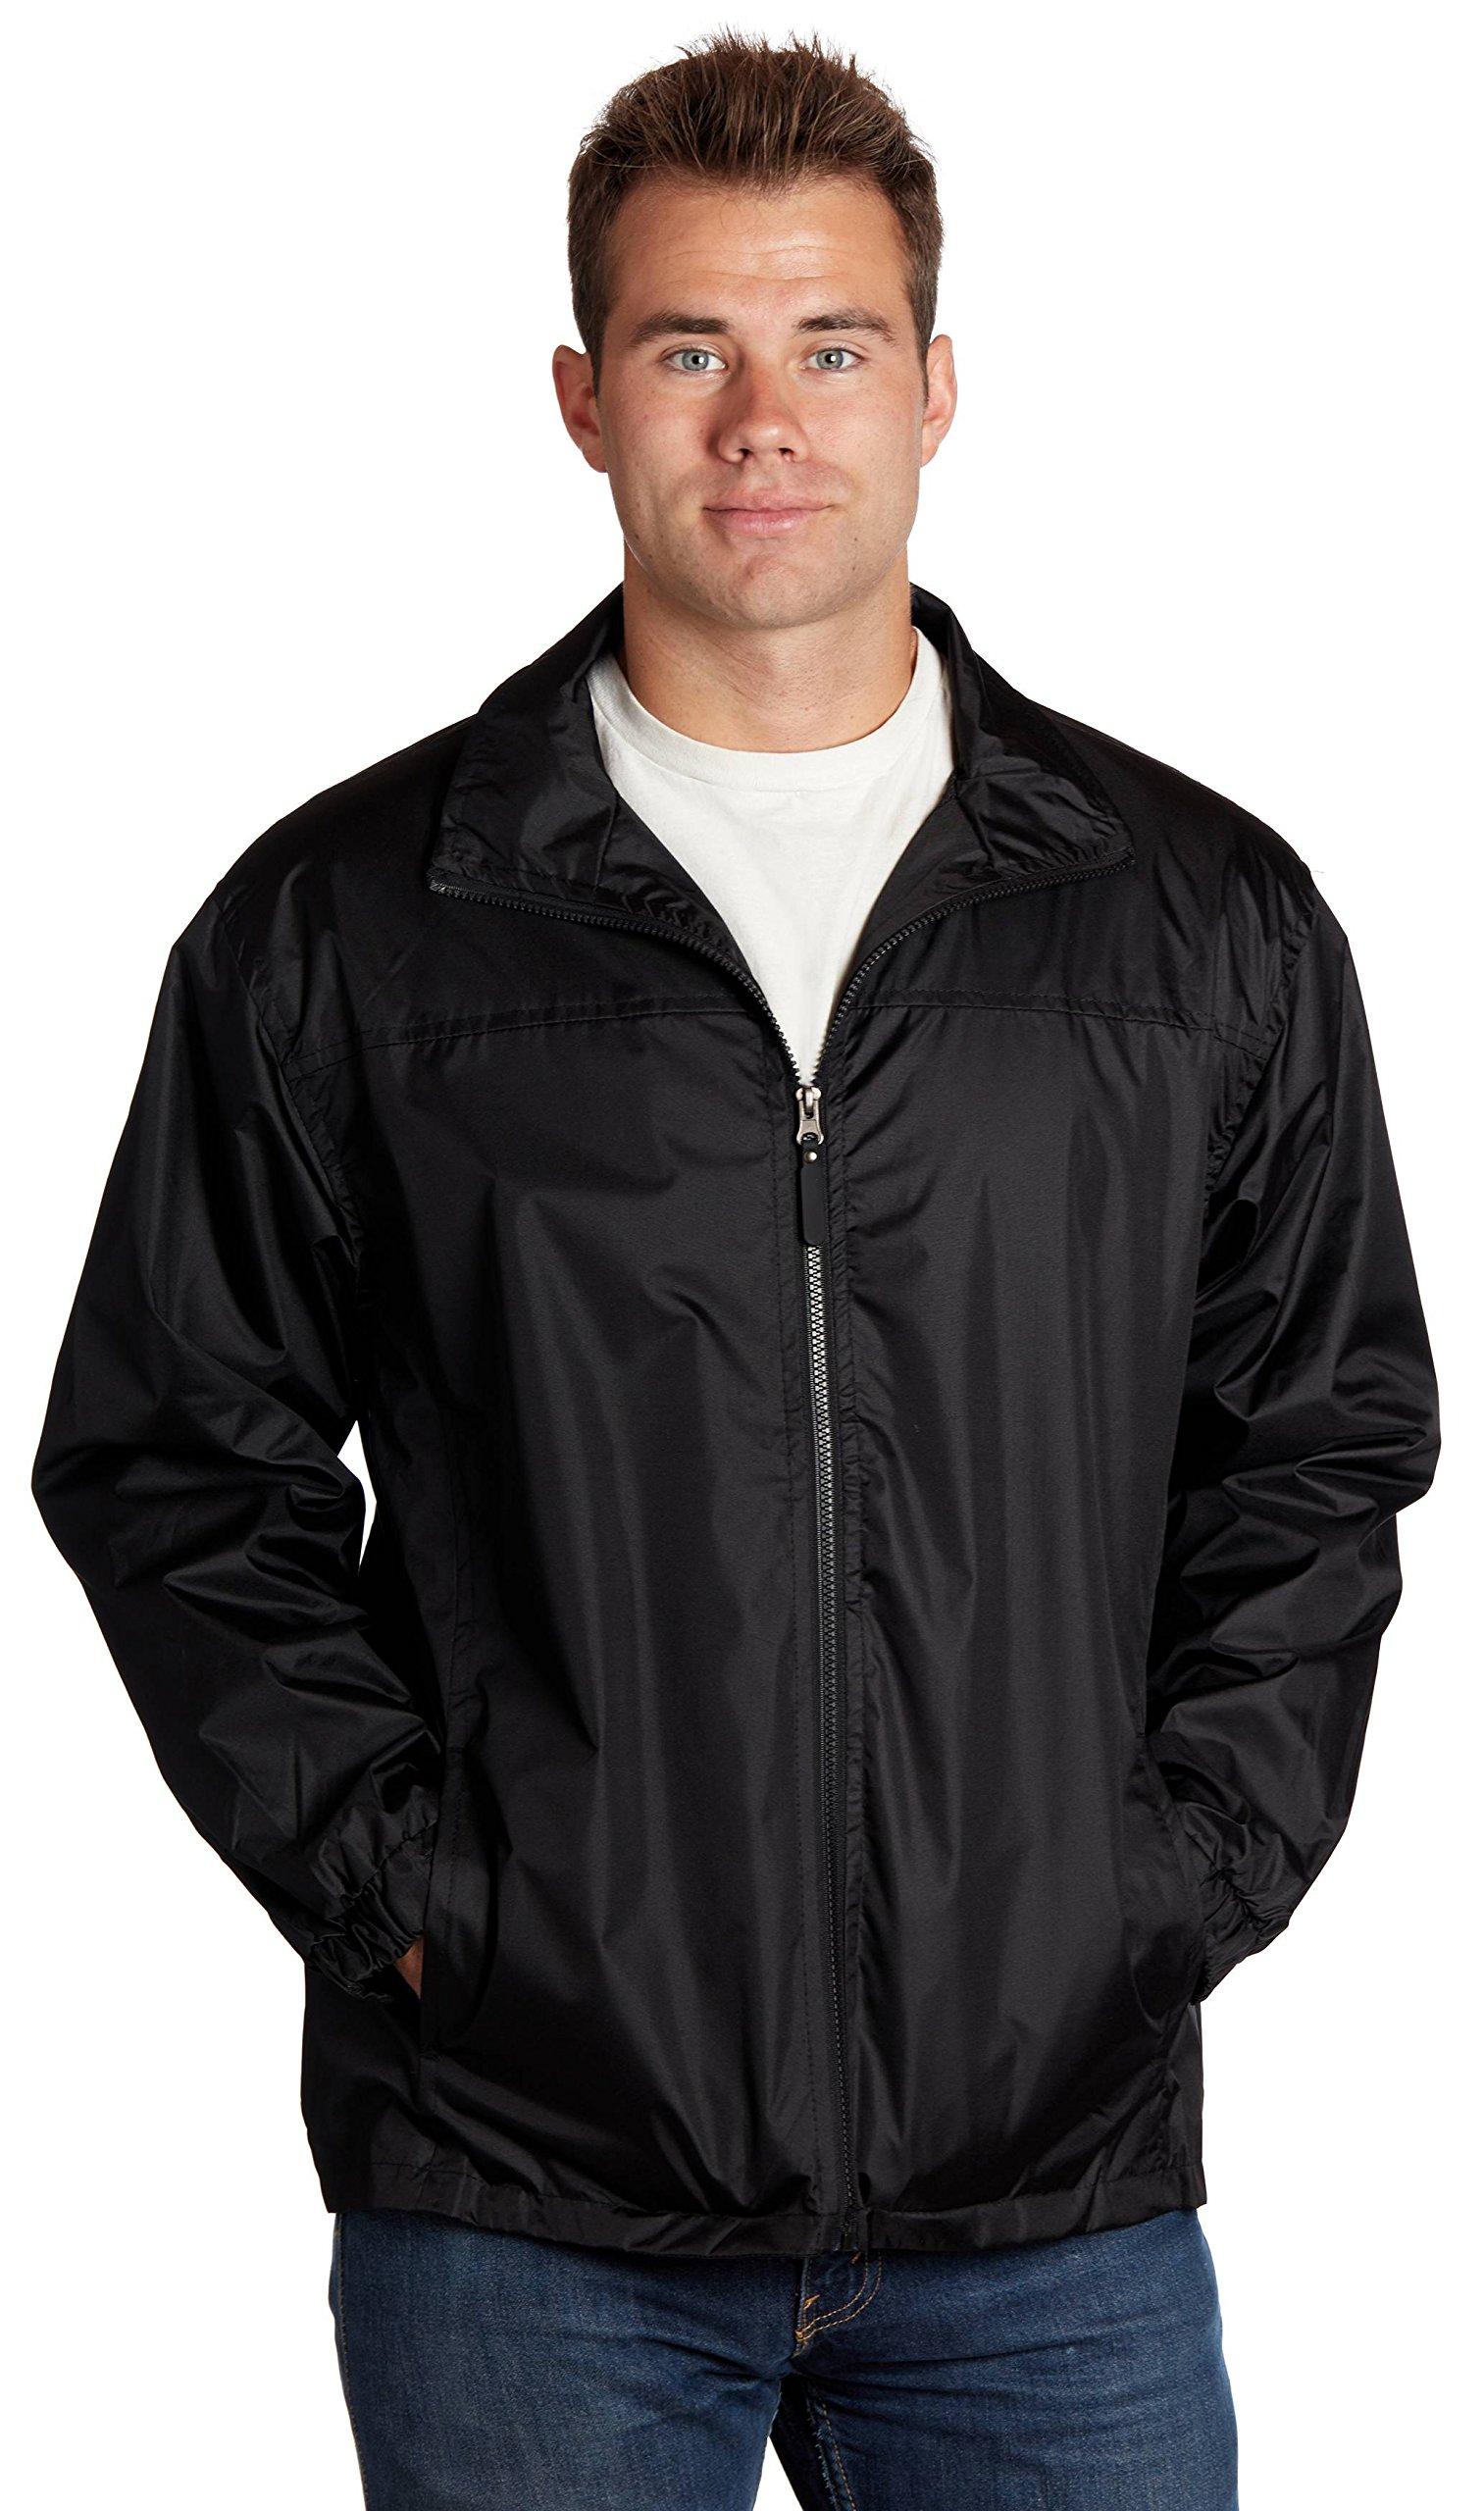 Equipment De Sport USA Men's Water Resistant Front Zip Lined Windbreaker Jacket Medium Black by Equipment De Sport USA